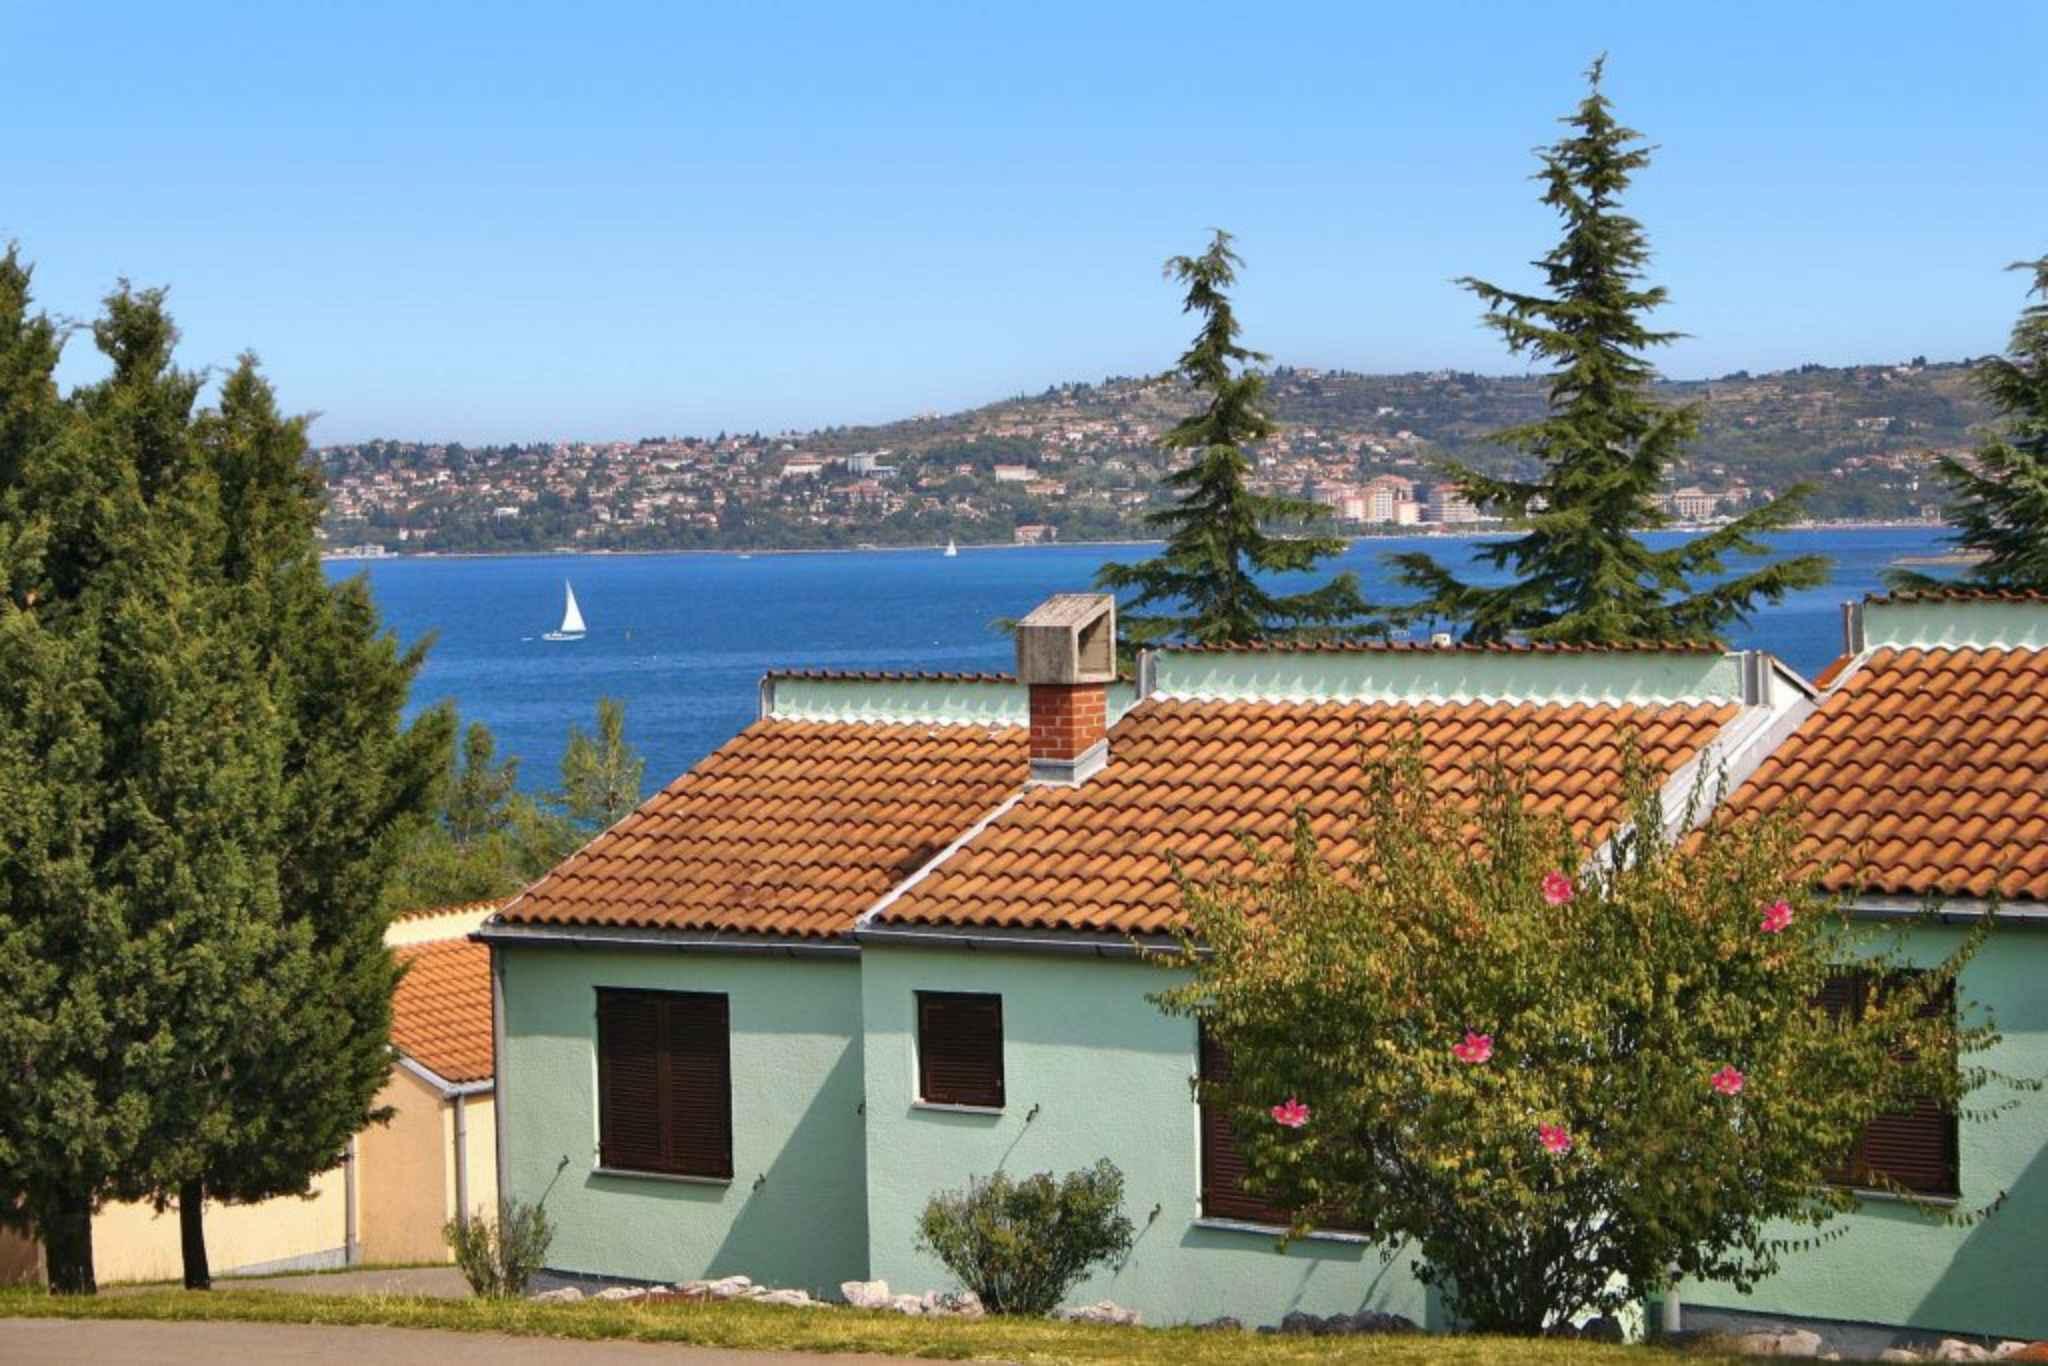 Ferienhaus Bungalow in der Ferienanlage Kanegra (281162), Umag, , Istrien, Kroatien, Bild 5